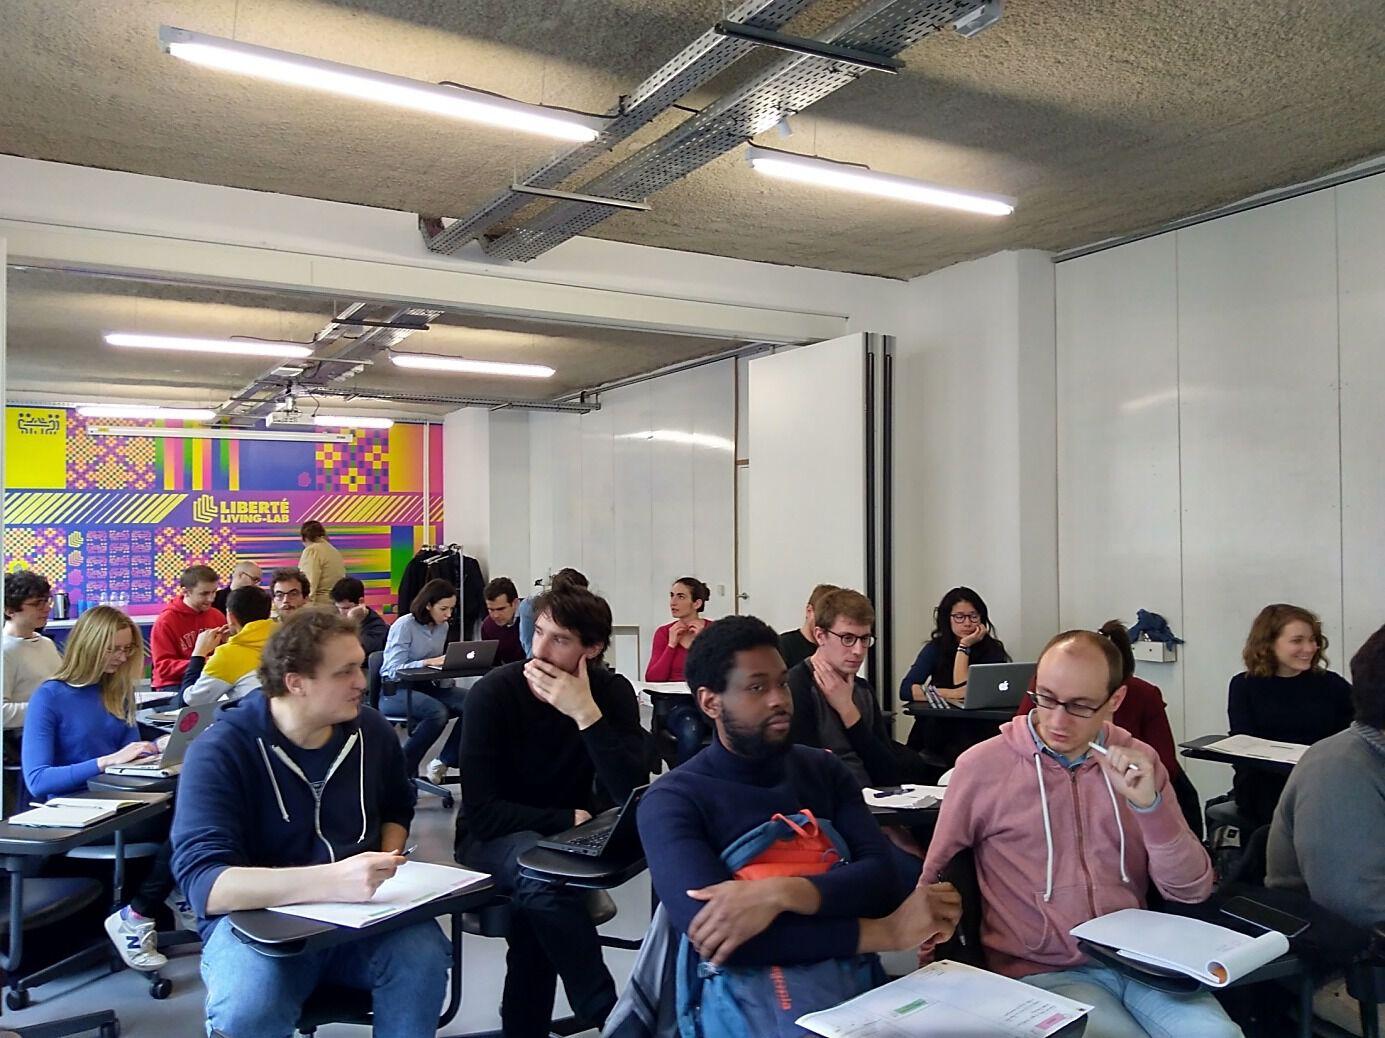 Dans une grande salle, les EIG de la promotion 2 sont assis à des pupitres individuels et discutent entre eux.